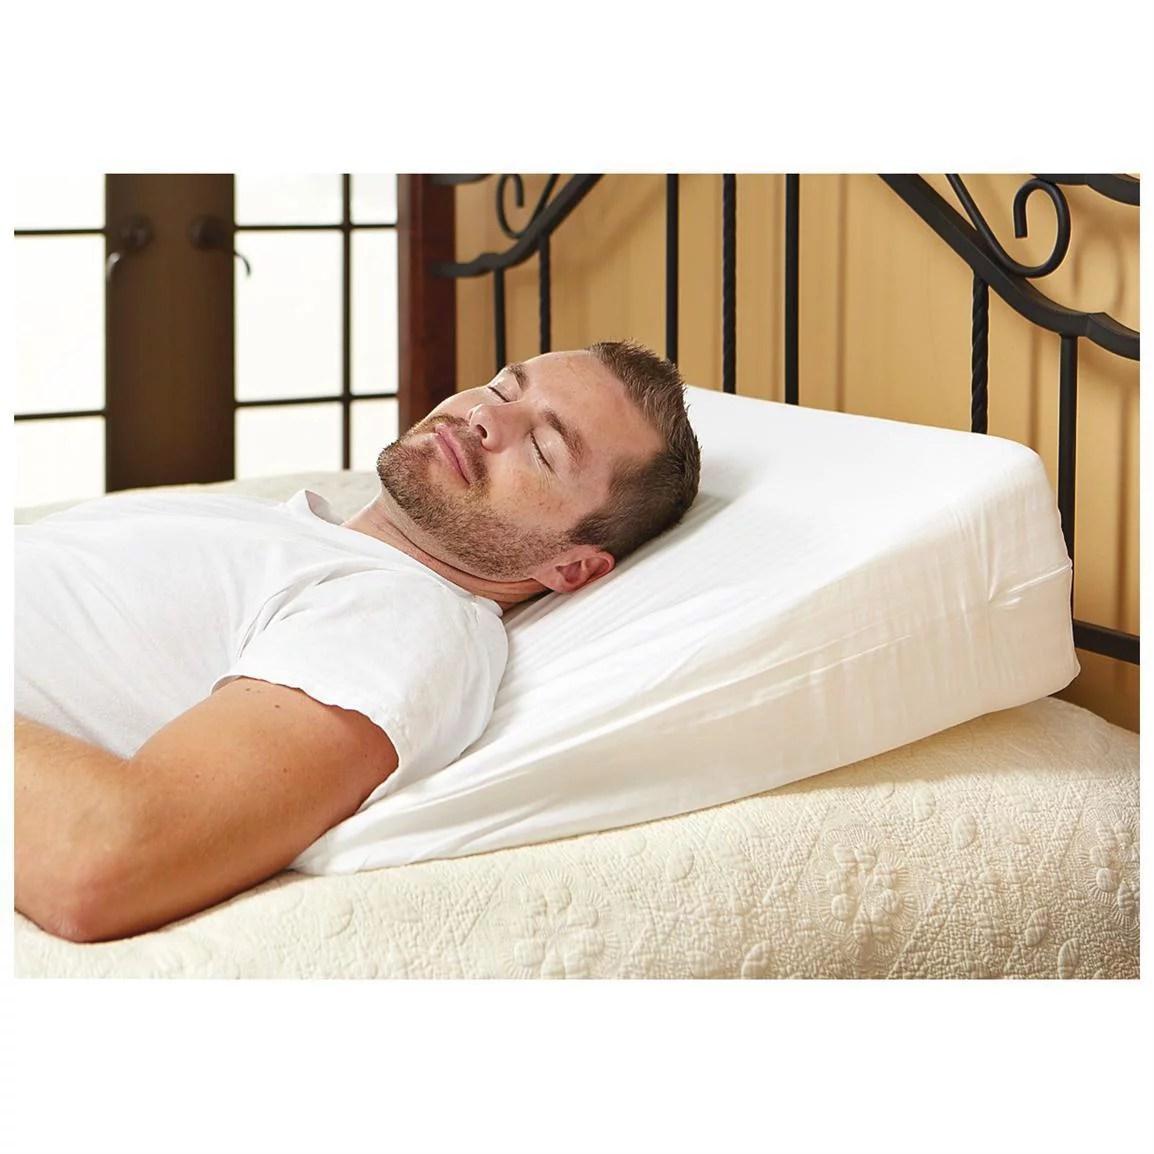 luxury foam wedge pillow support sleep pillow acid reflux wedge pillow